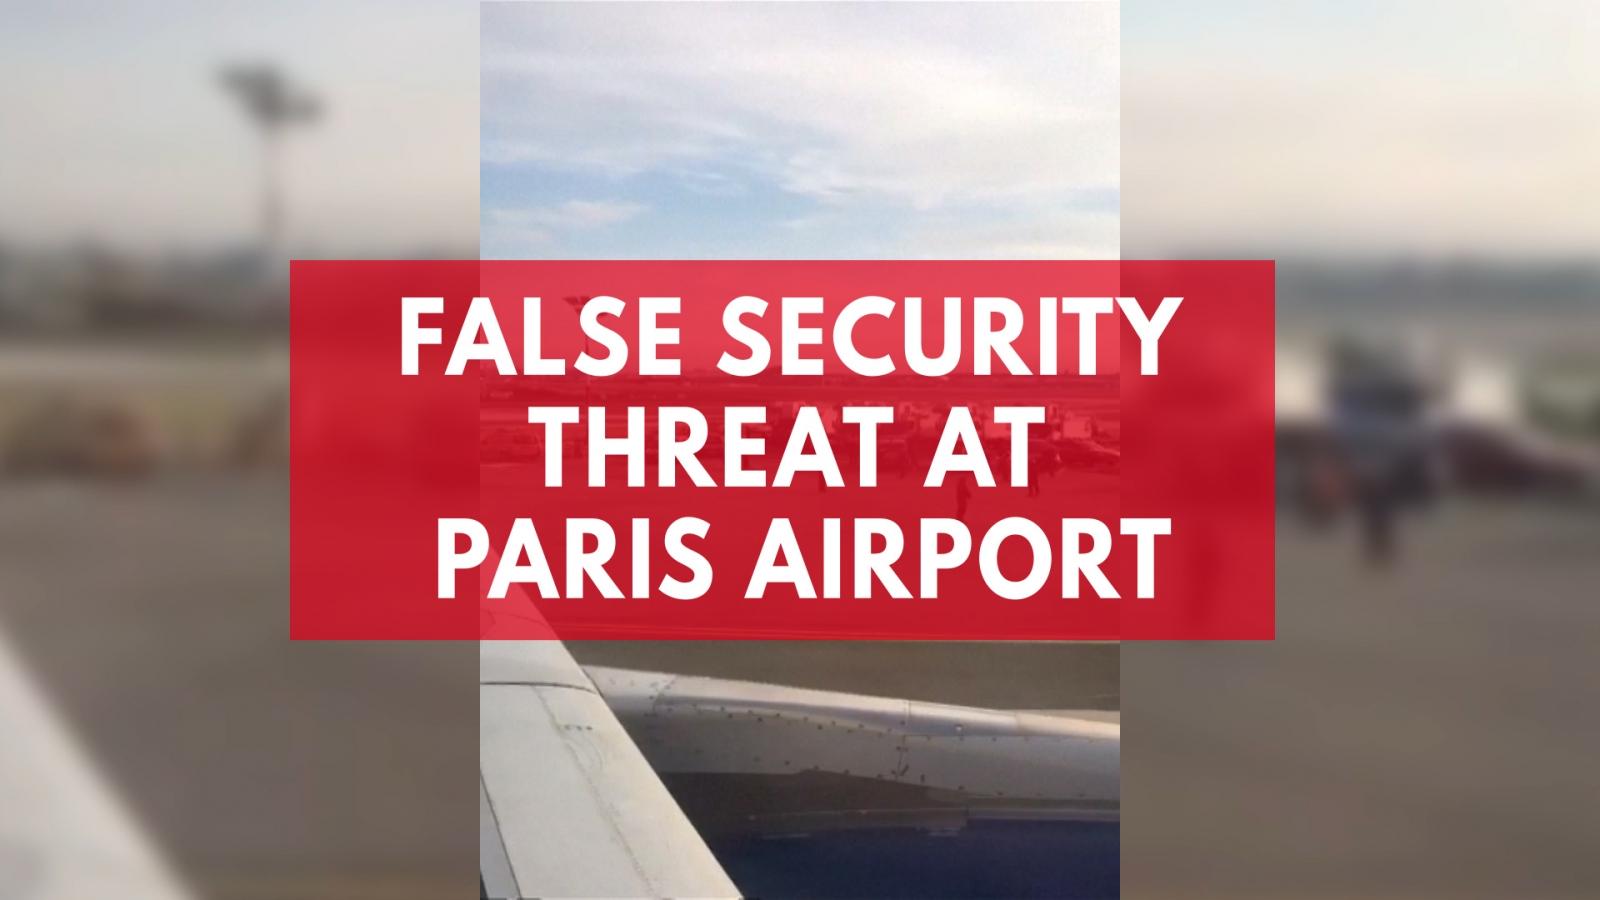 British Airways flight evacuated in Paris after security threat